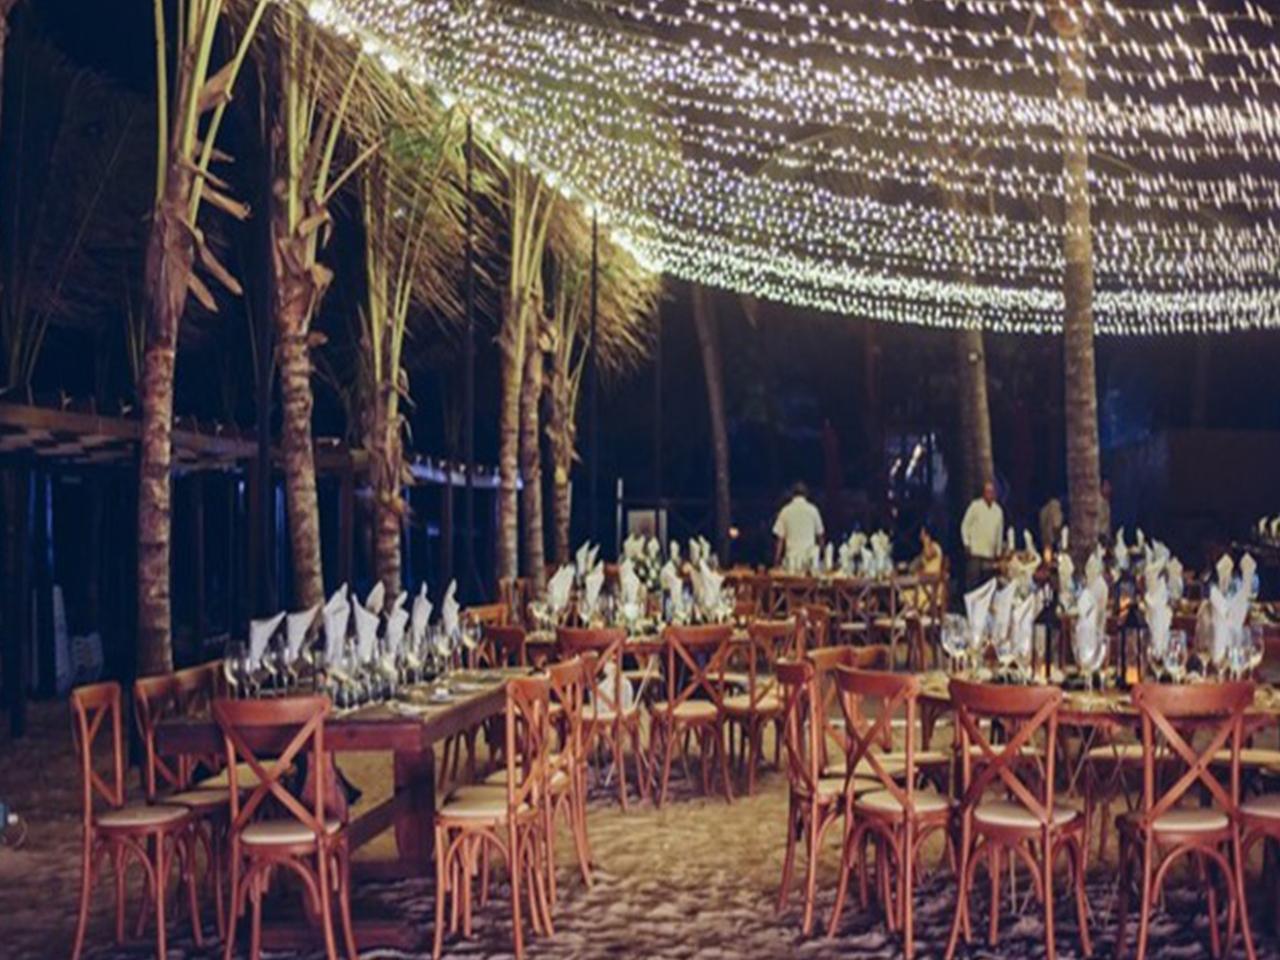 wedding Planner en Monterrey, Boda en la playa, Las mejores bodas en la playa en México - Por siempre (50 personas o más)